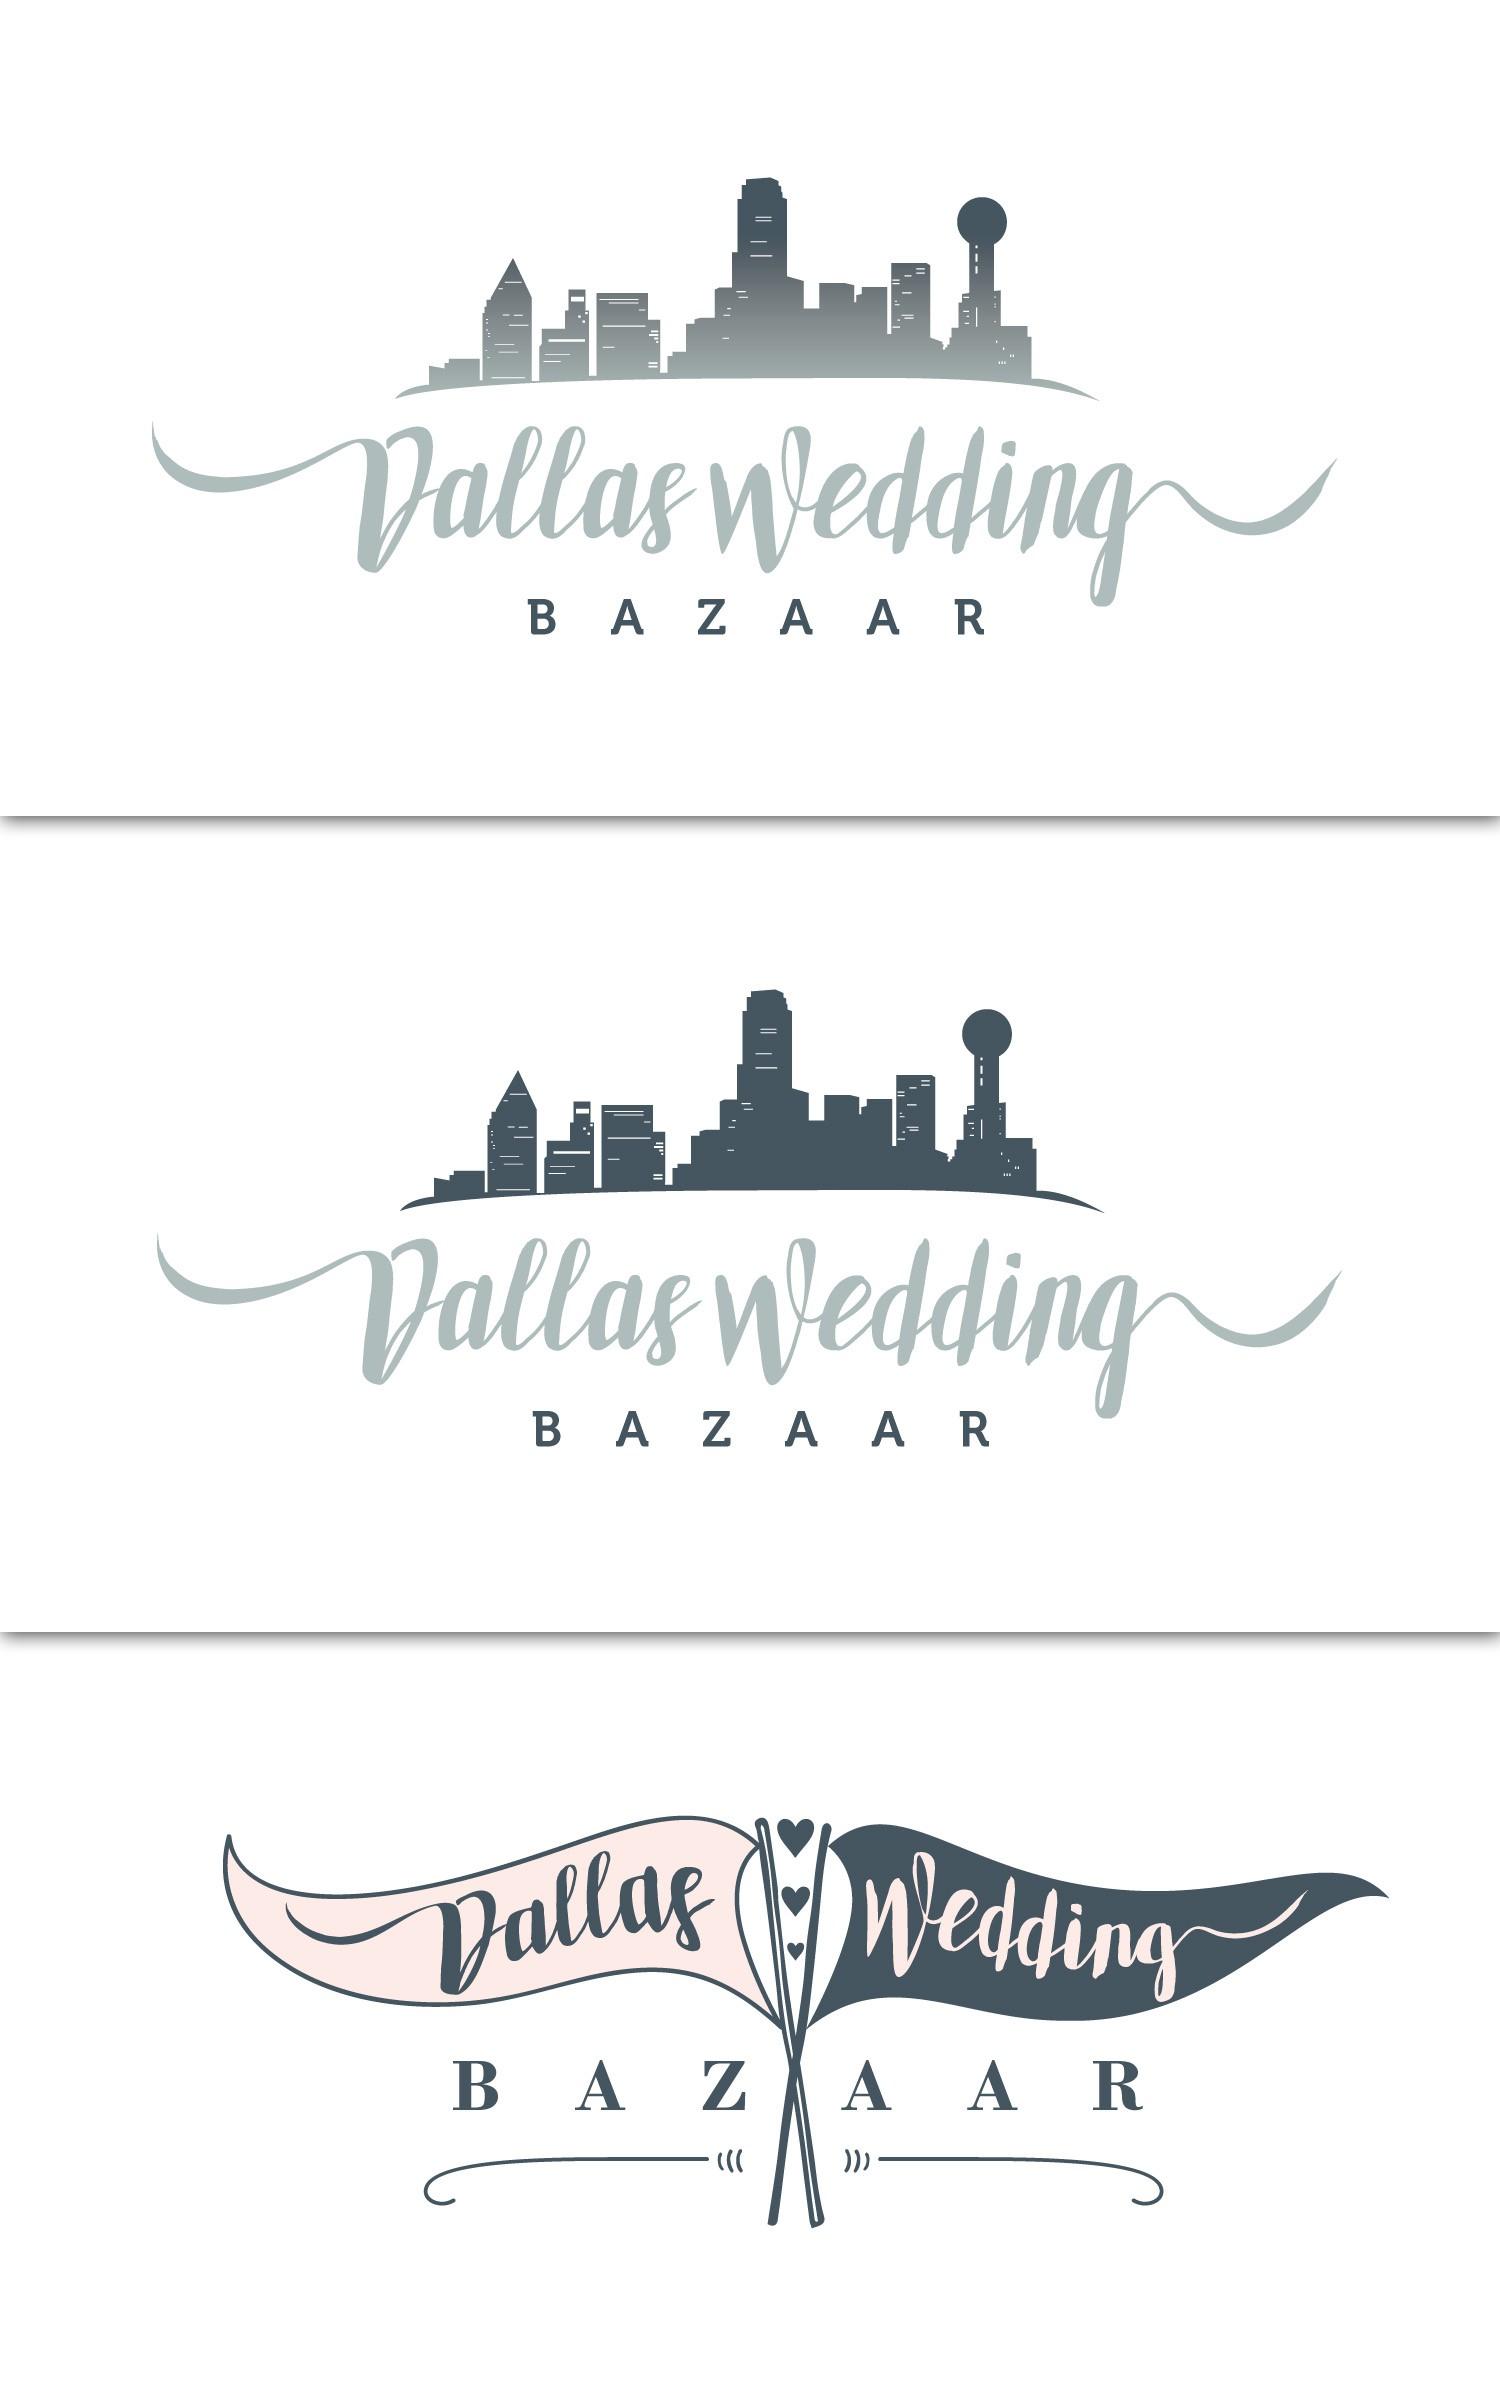 Dallas Wedding Bazaar